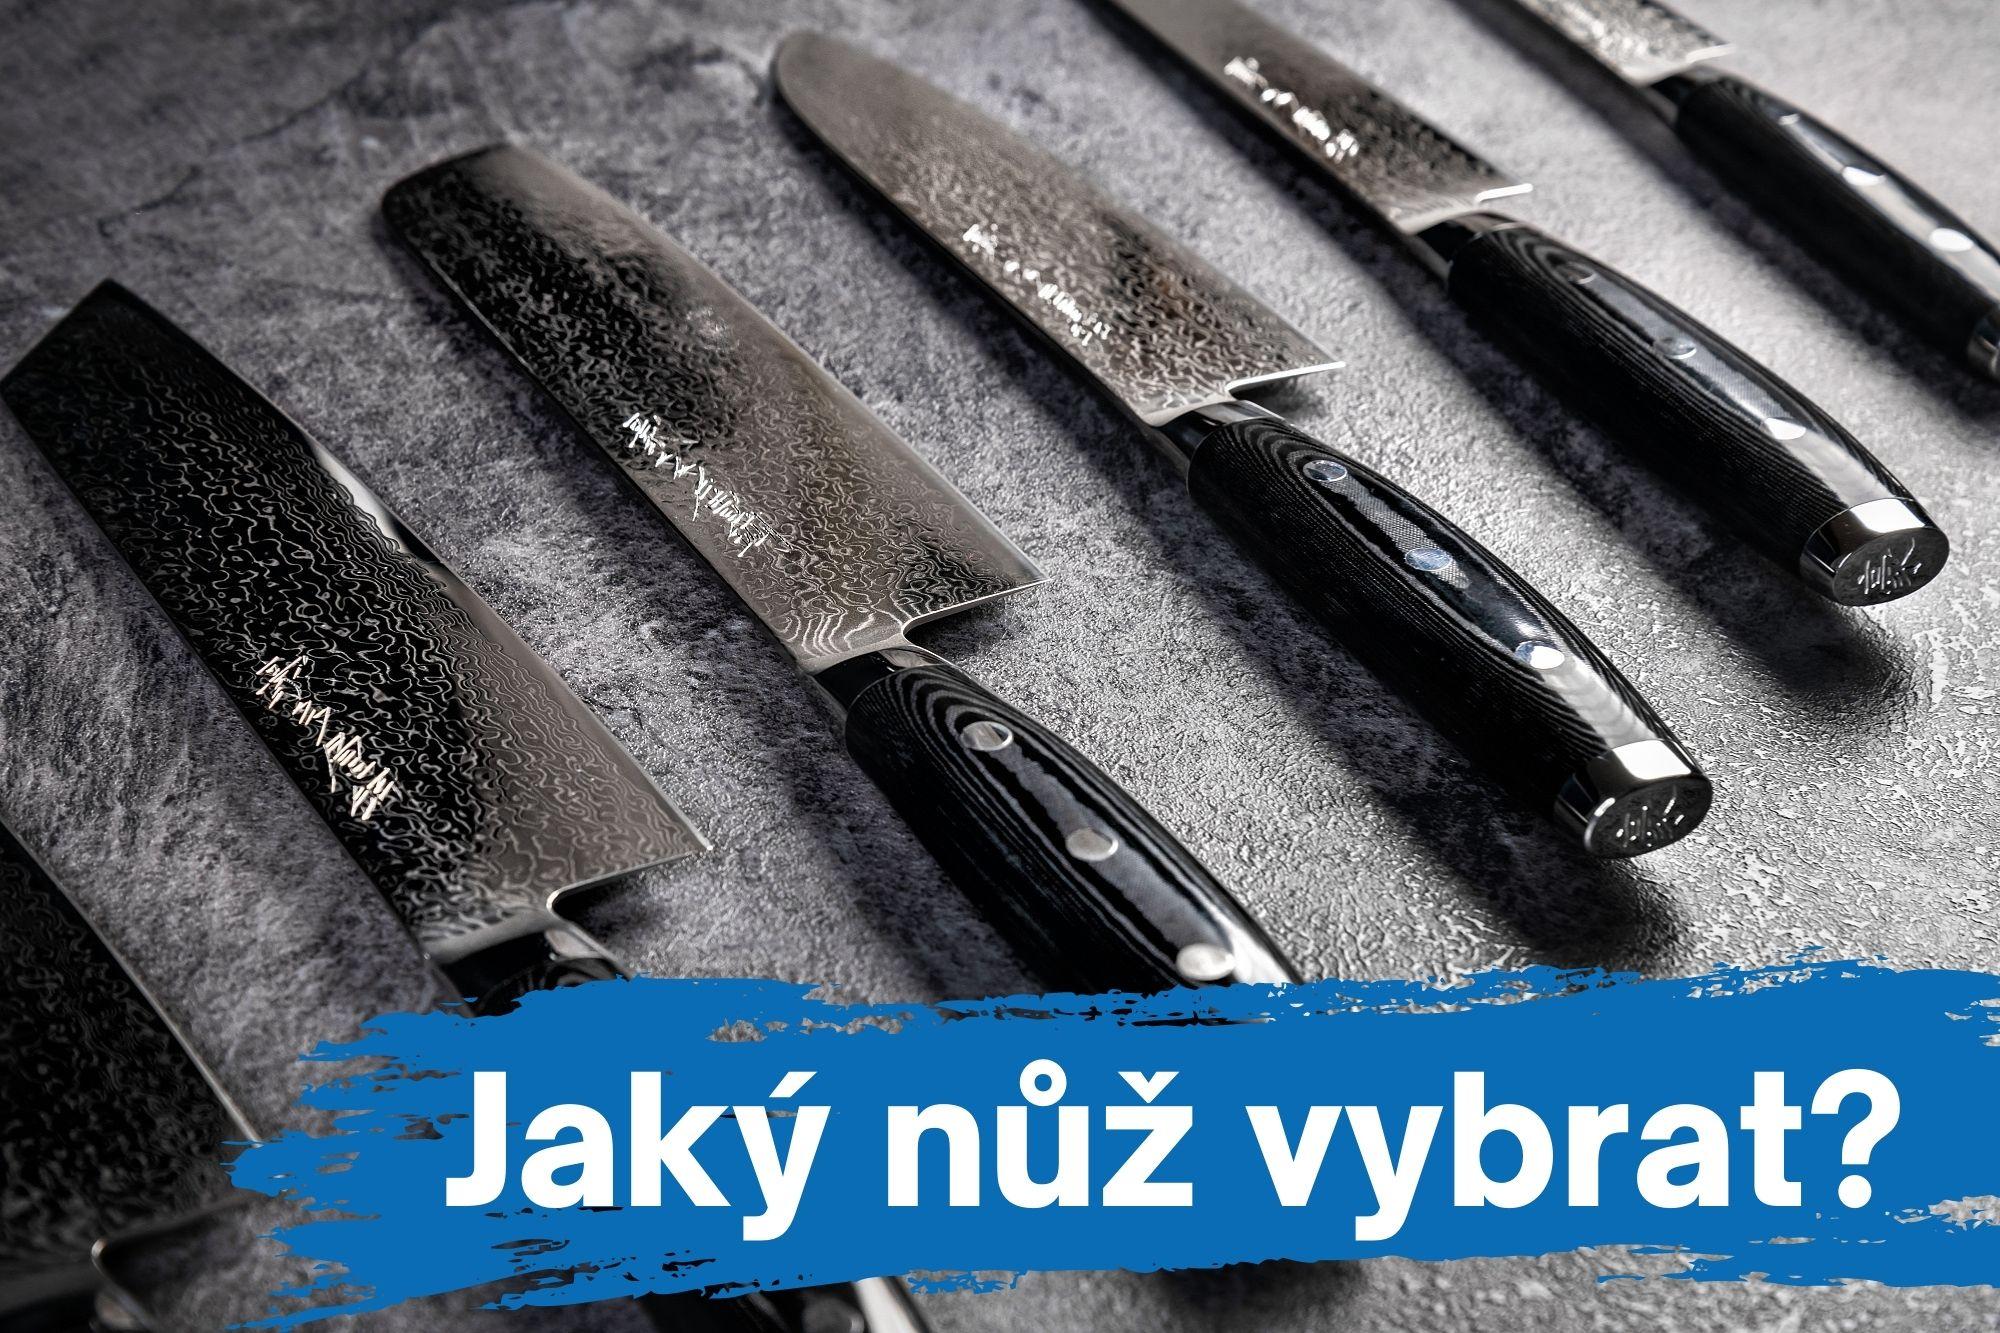 Jaký vybrat nůž